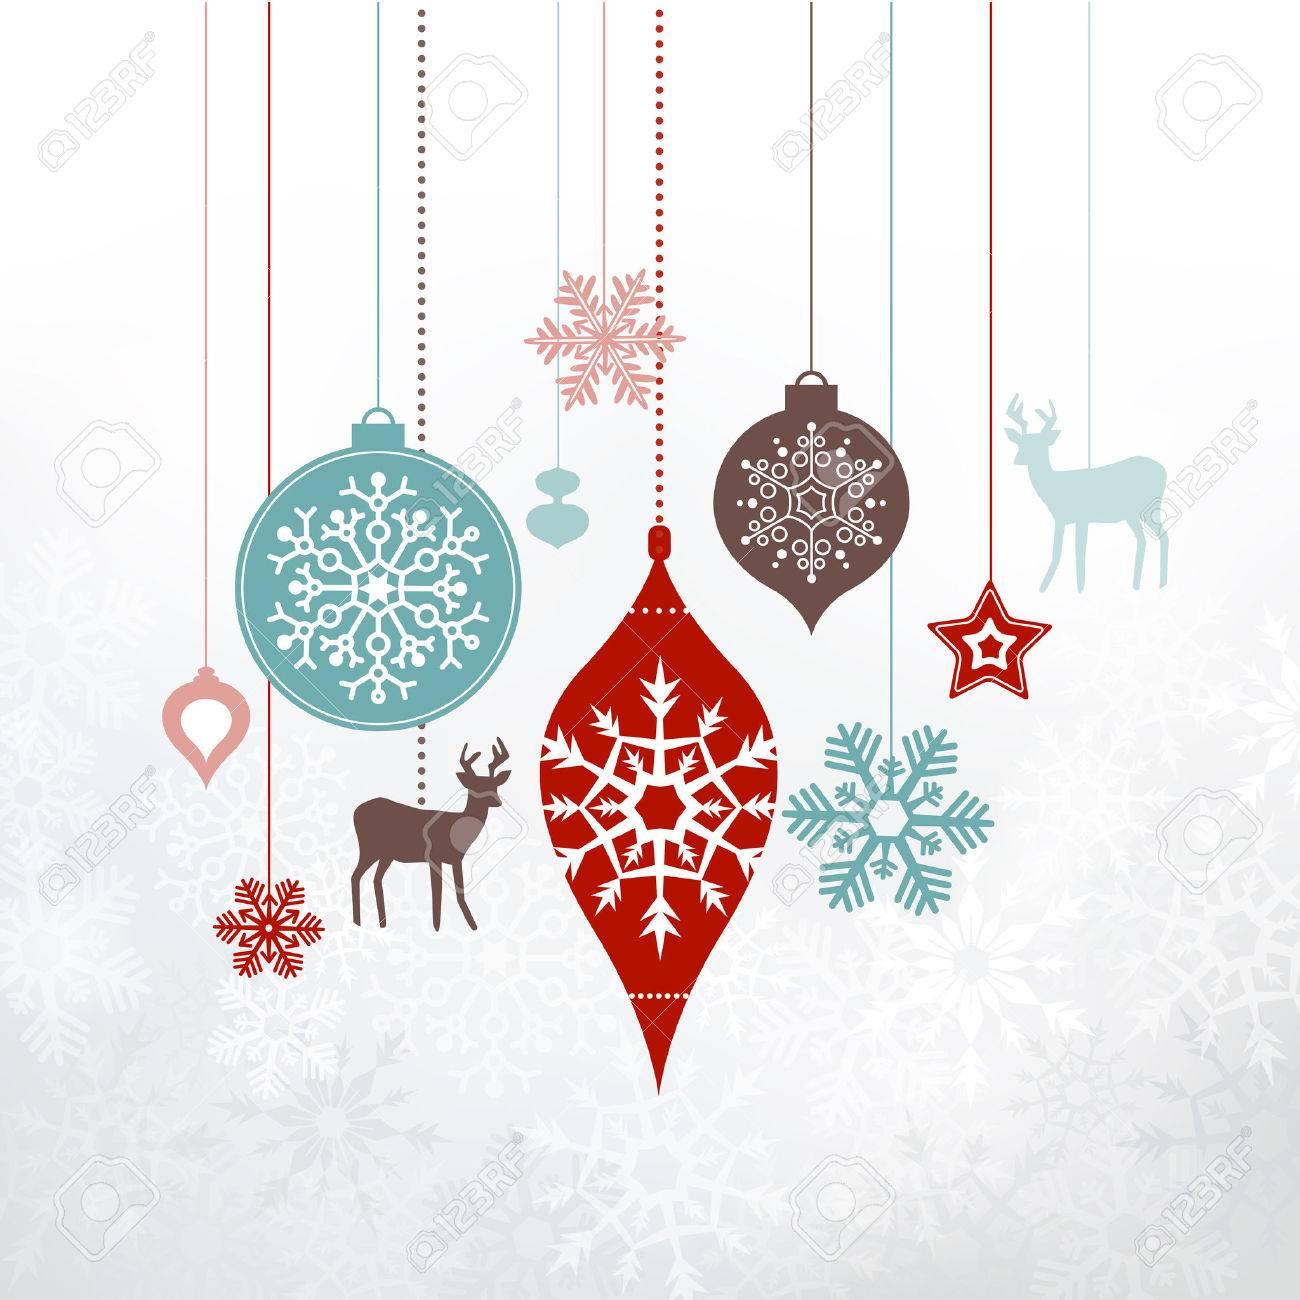 Decorazioni Natalizie Per Biglietti Di Auguri.Vettoriale Decorazioni Natalizie Ornamenti Argento Sfondo Gelido Snowlakes Congelati Puo Essere Usato Come Un Biglietto Di Auguri Image 50372207